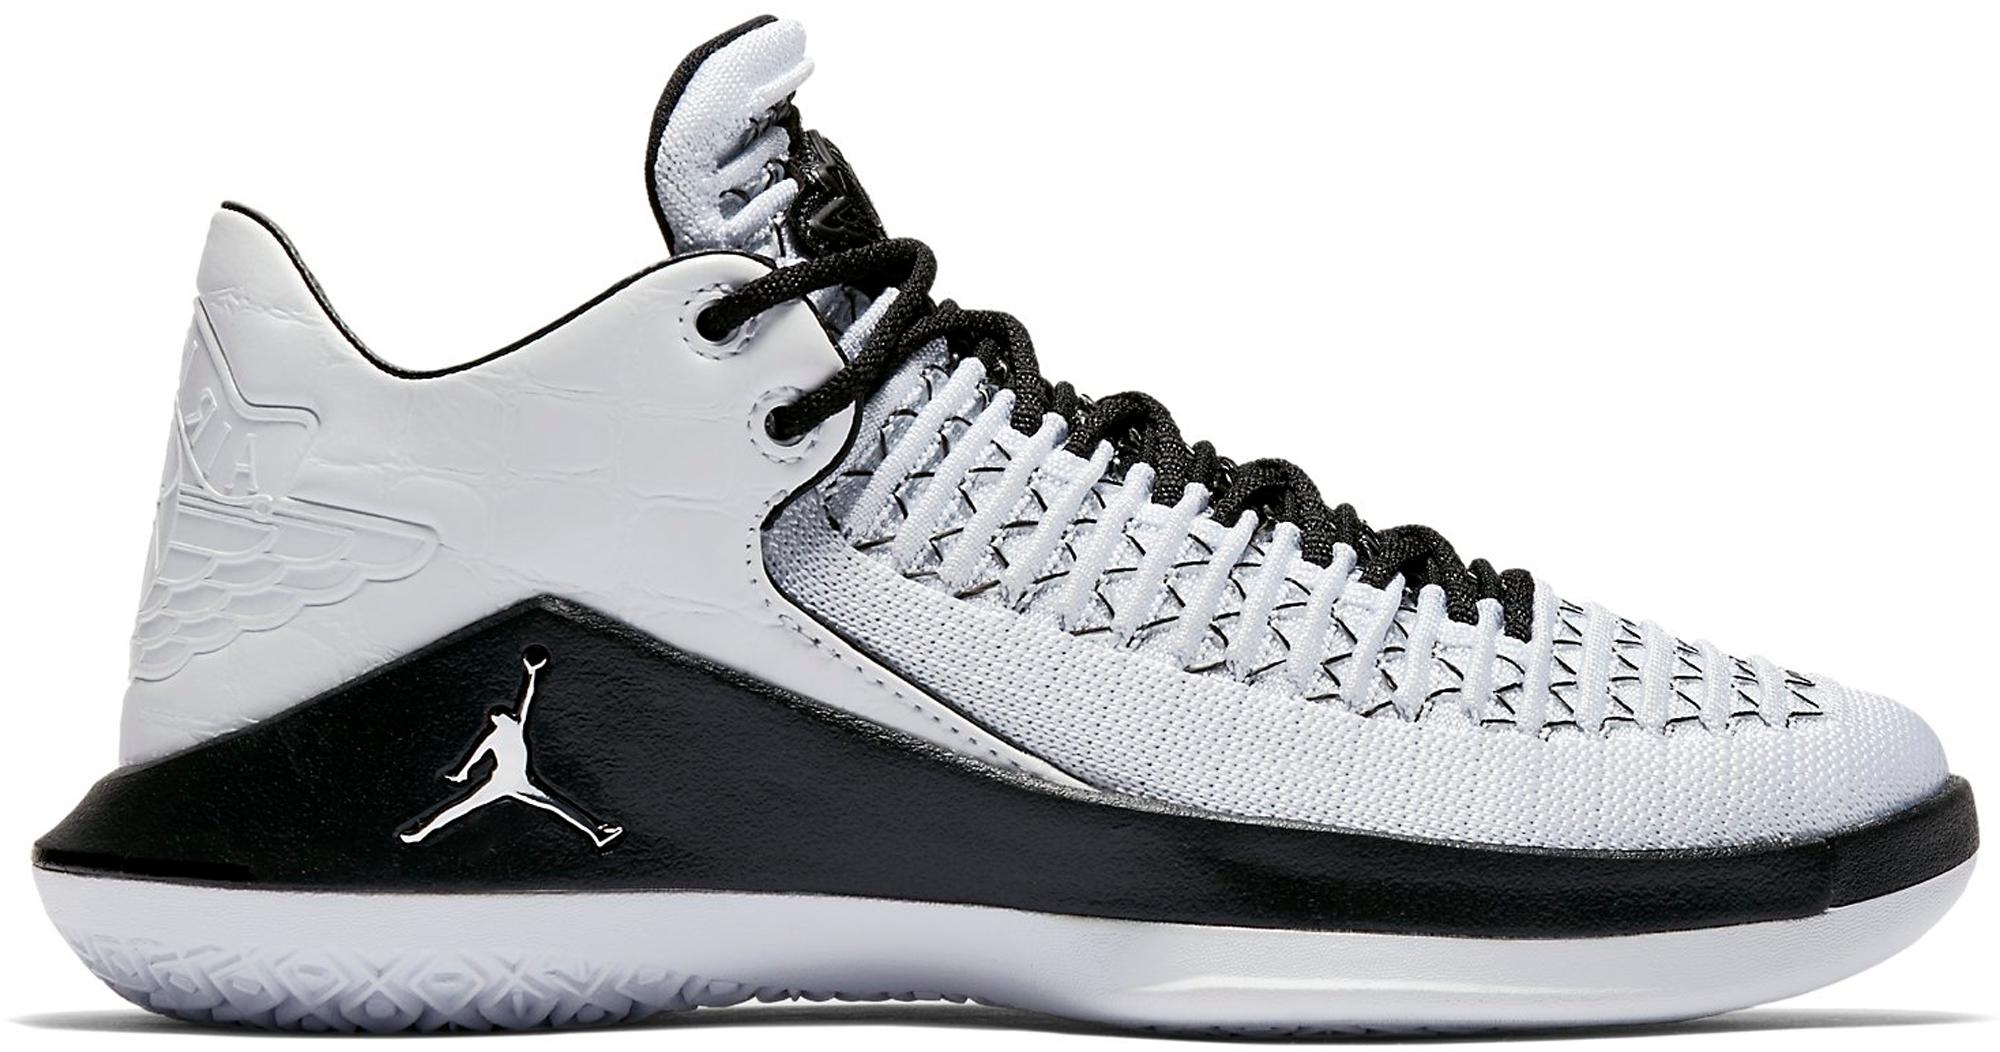 Jordan XXXII Low Wing It (GS)